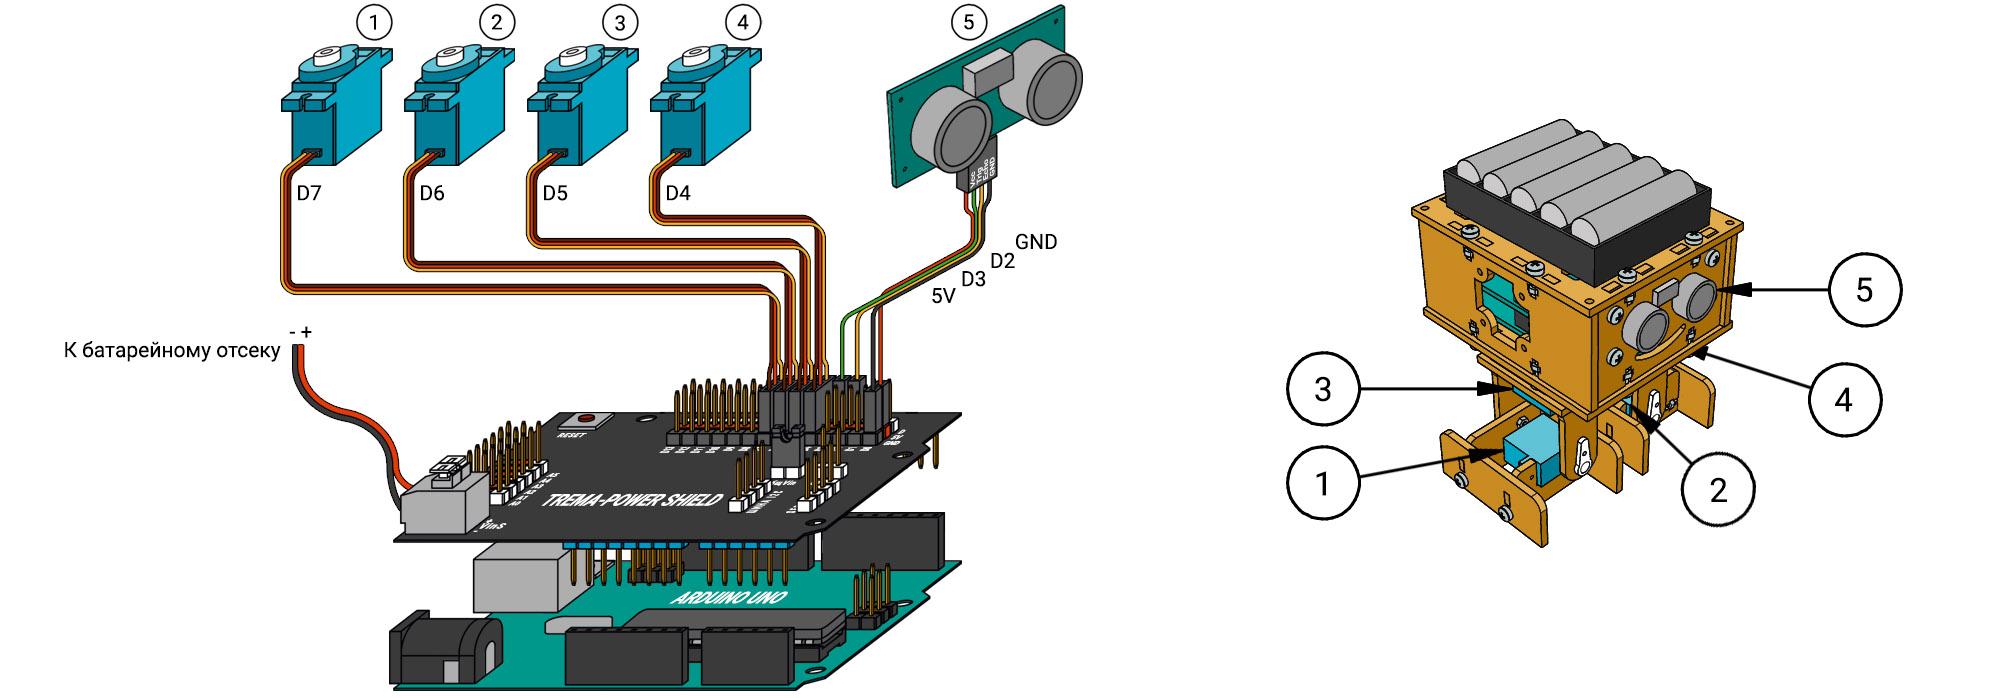 инструкция схема подключить elsr